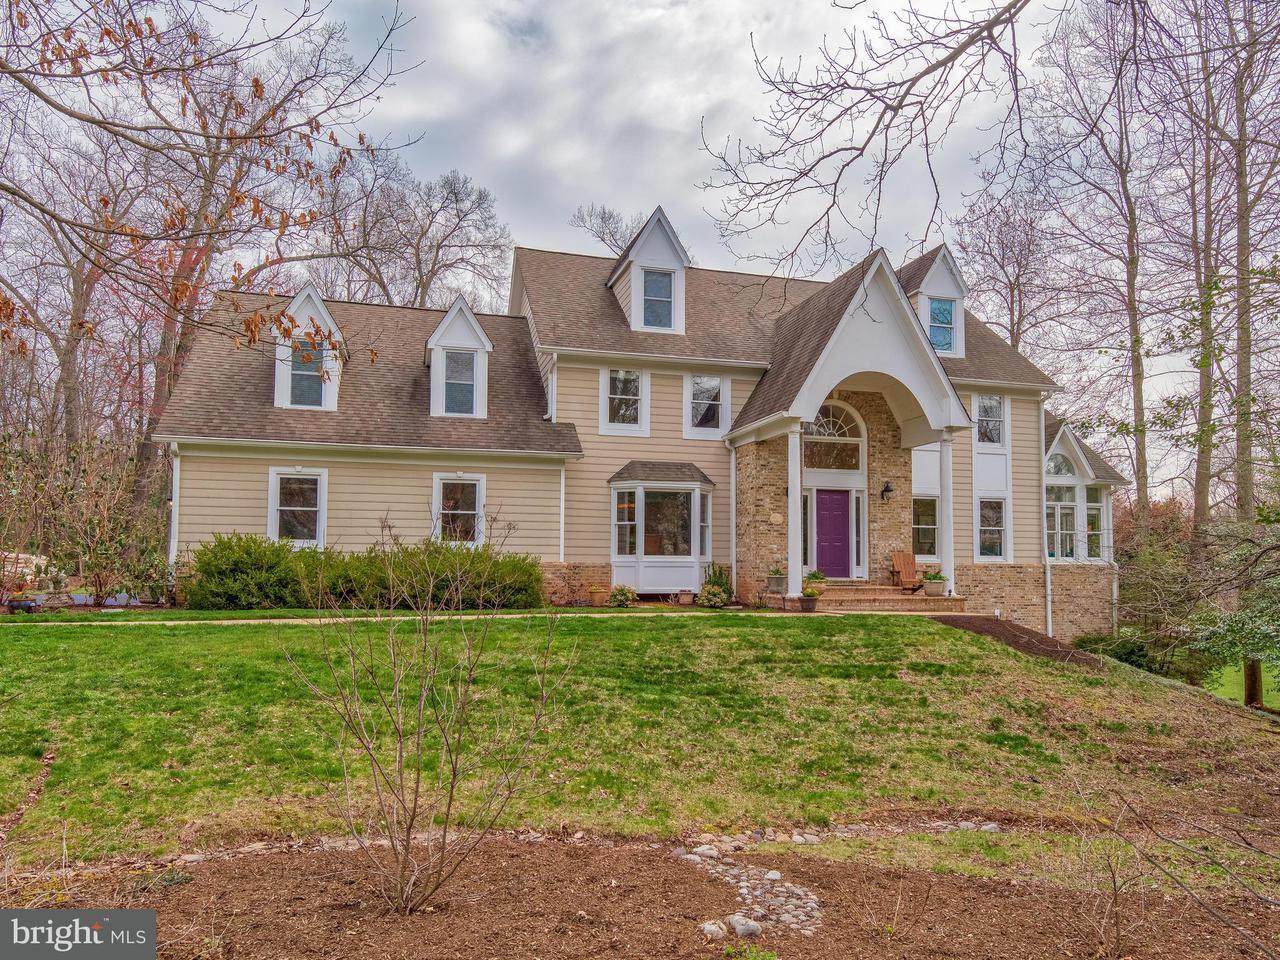 Частный односемейный дом для того Продажа на 3169 Mary Etta Lane 3169 Mary Etta Lane Herndon, Виргиния 20171 Соединенные Штаты